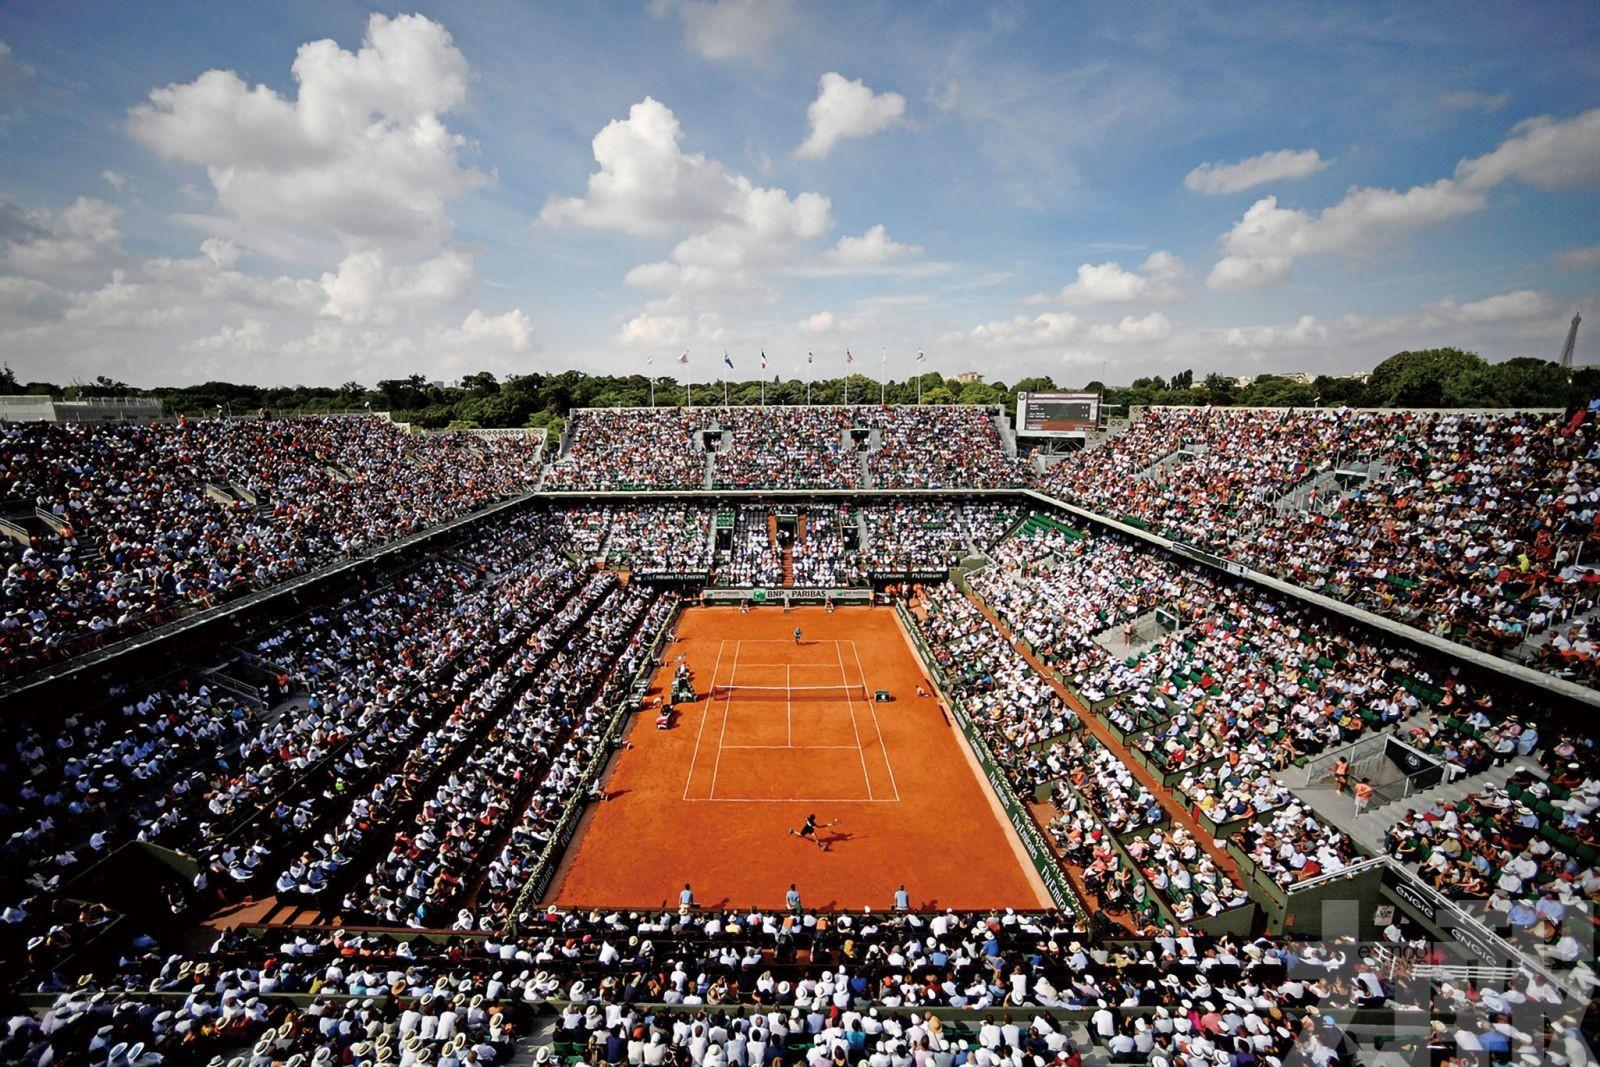 法網賽會不排除賽事閉門下進行